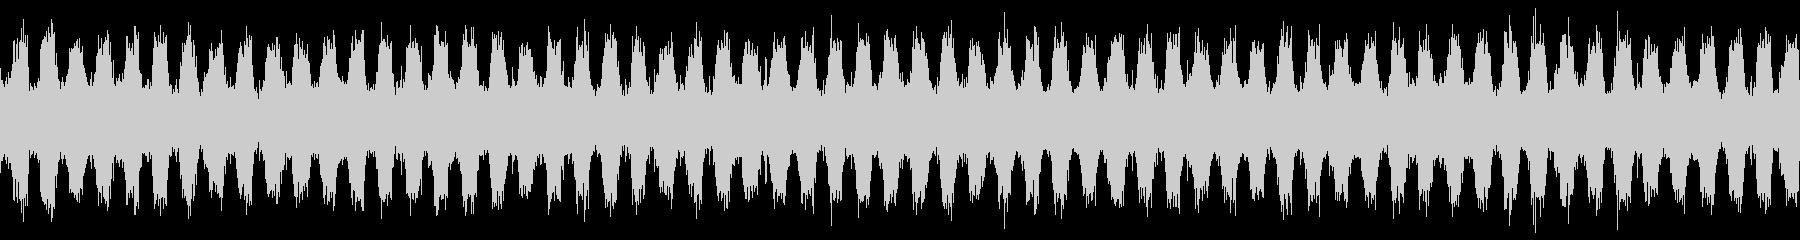 ジャジーなピアノおしゃれポップループdの未再生の波形